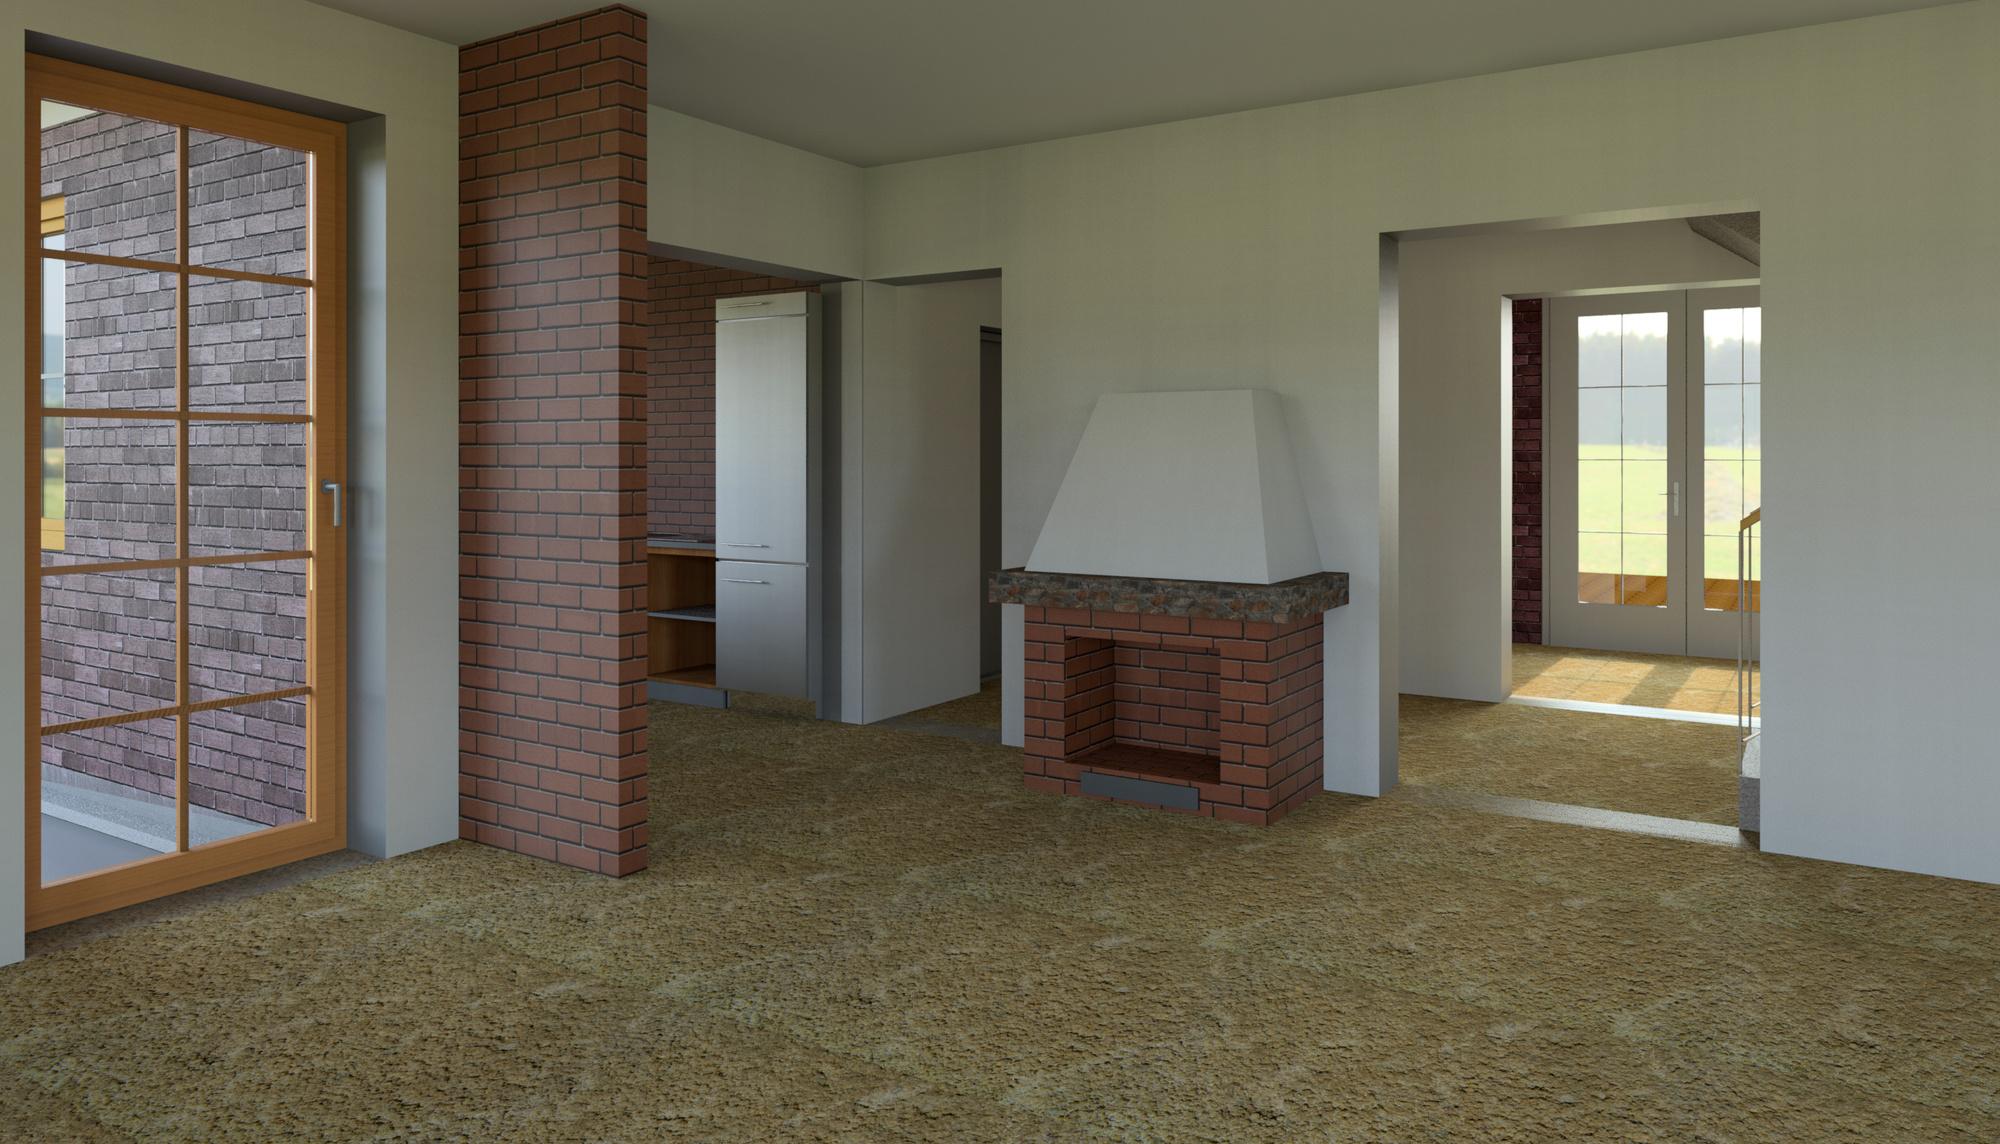 Raas-rendering20150511-14247-11mqc88